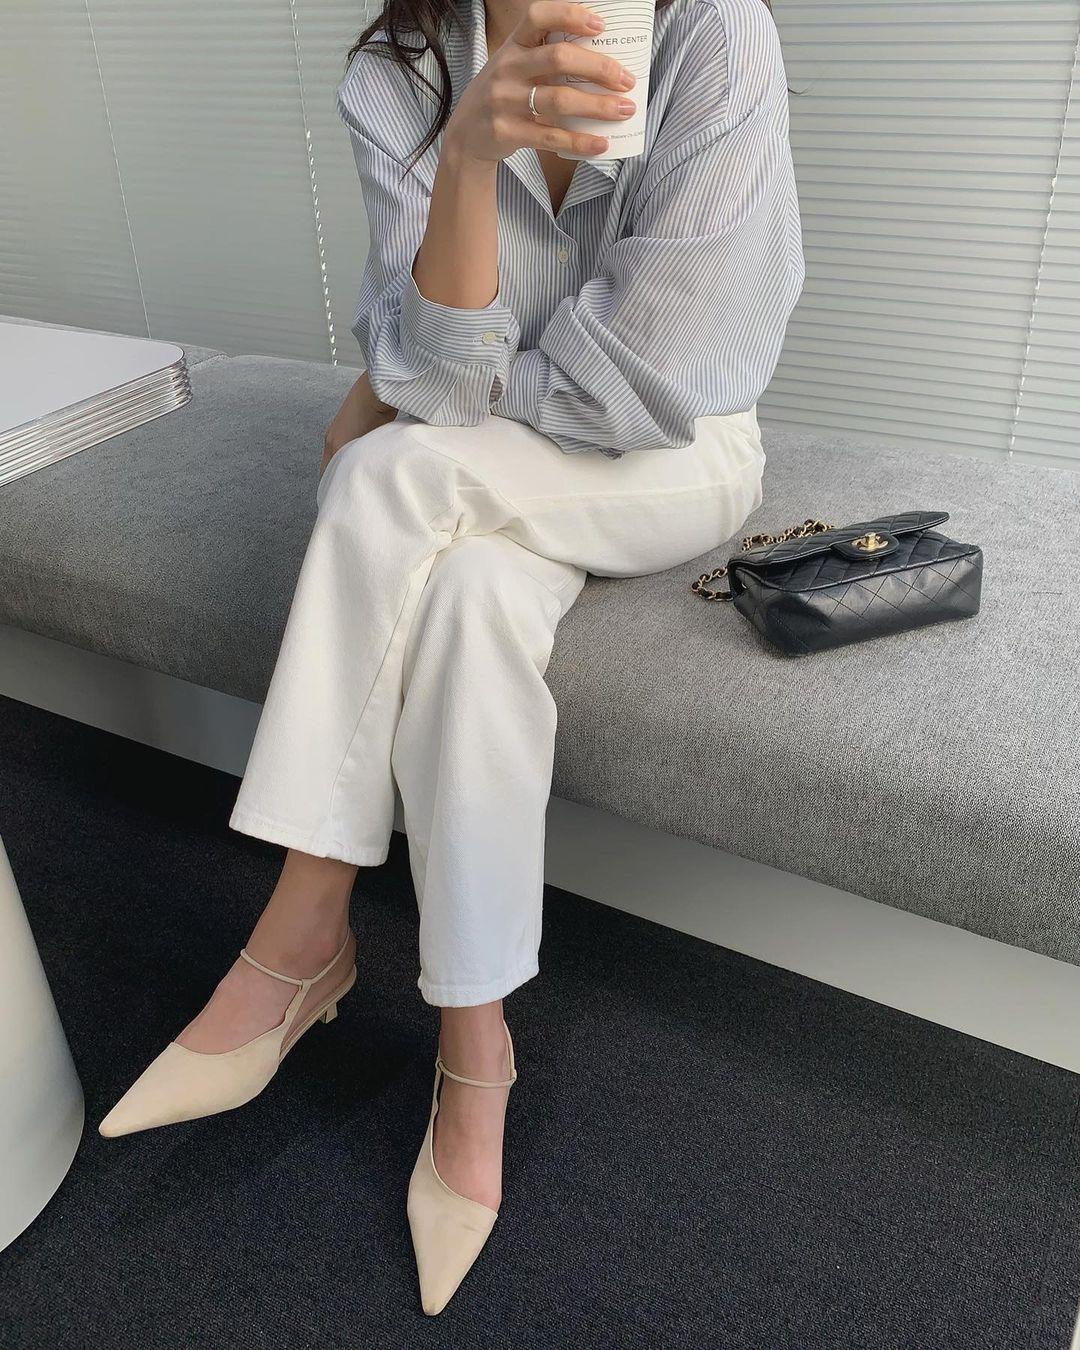 5 mẫu giày dép gái Hàn đang chuộng mix với quần âu để sang chảnh hóa cả set đồ công sở - Ảnh 12